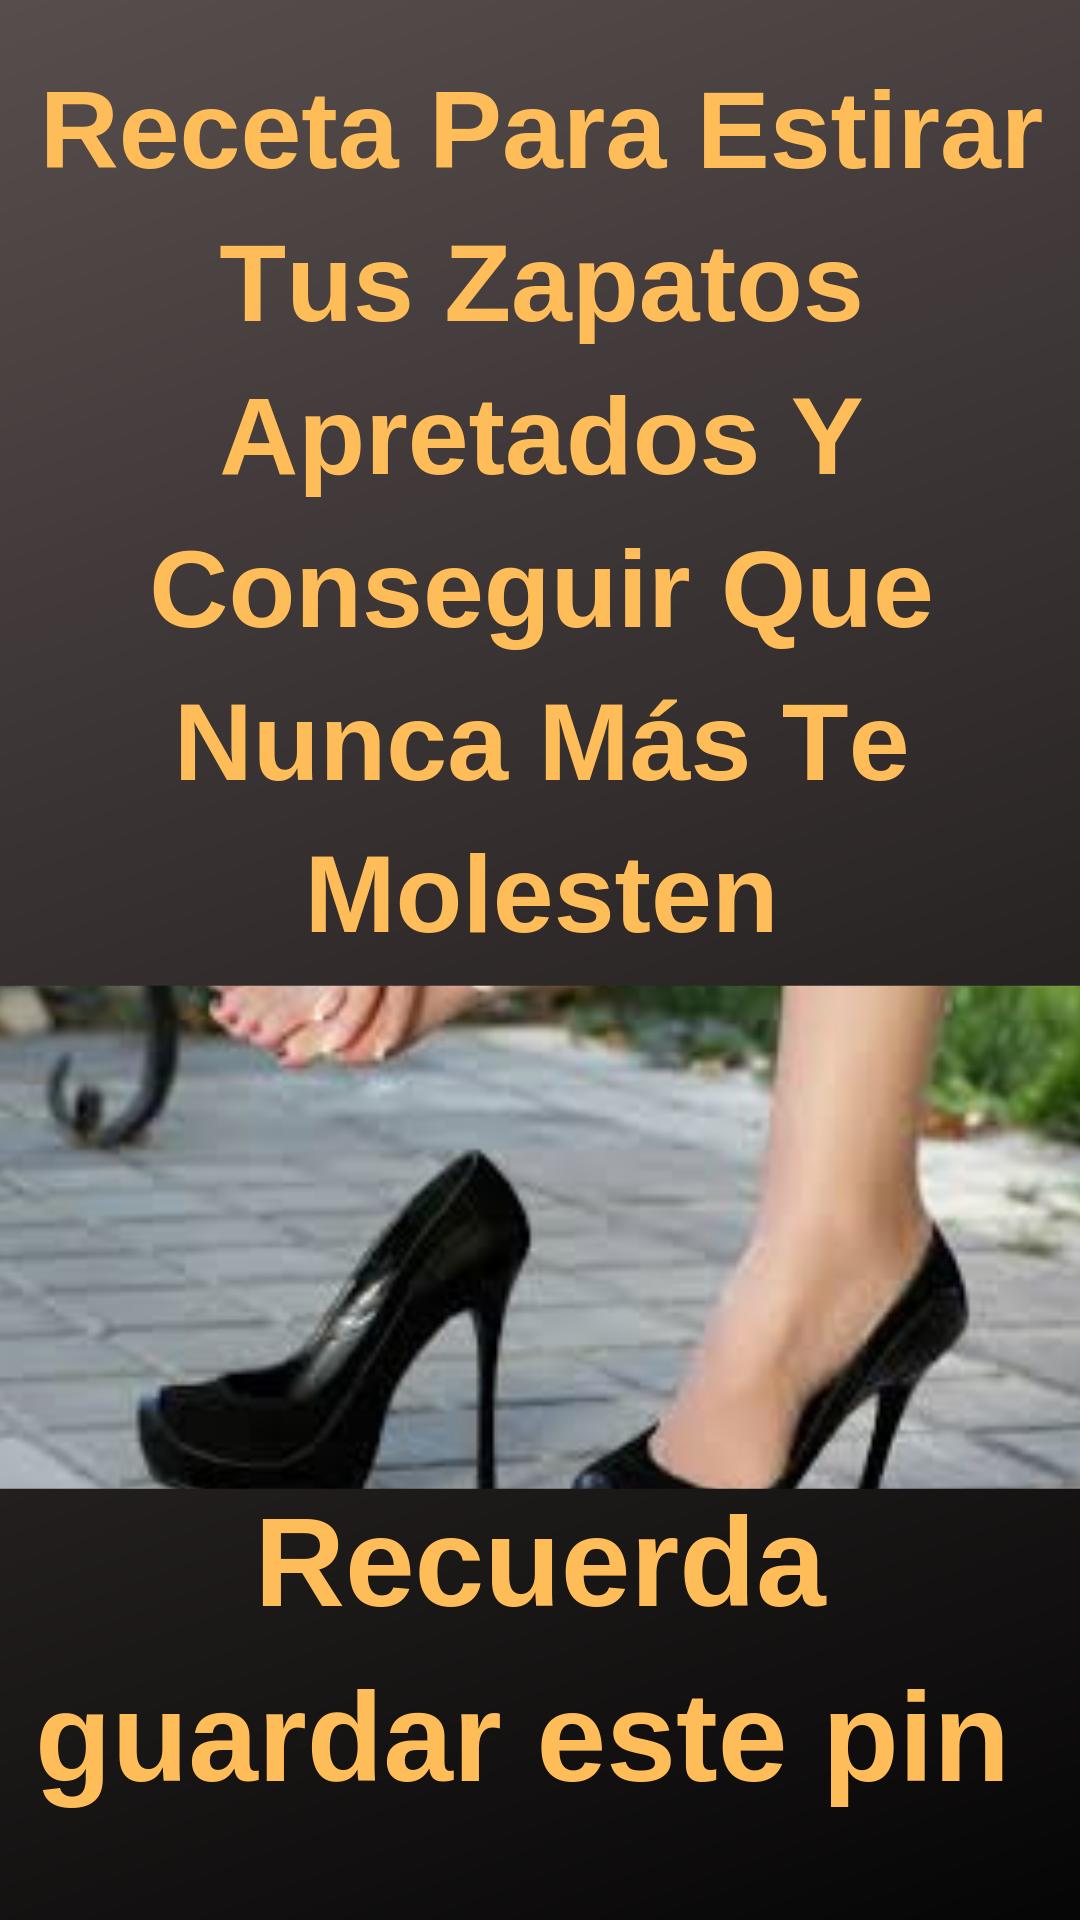 Receta Para Estirar Tus Zapatos Apretados Y Conseguir Que Nunca Más Te Molesten Zapatos Zapatos De Cuero Amarre De Zapatos